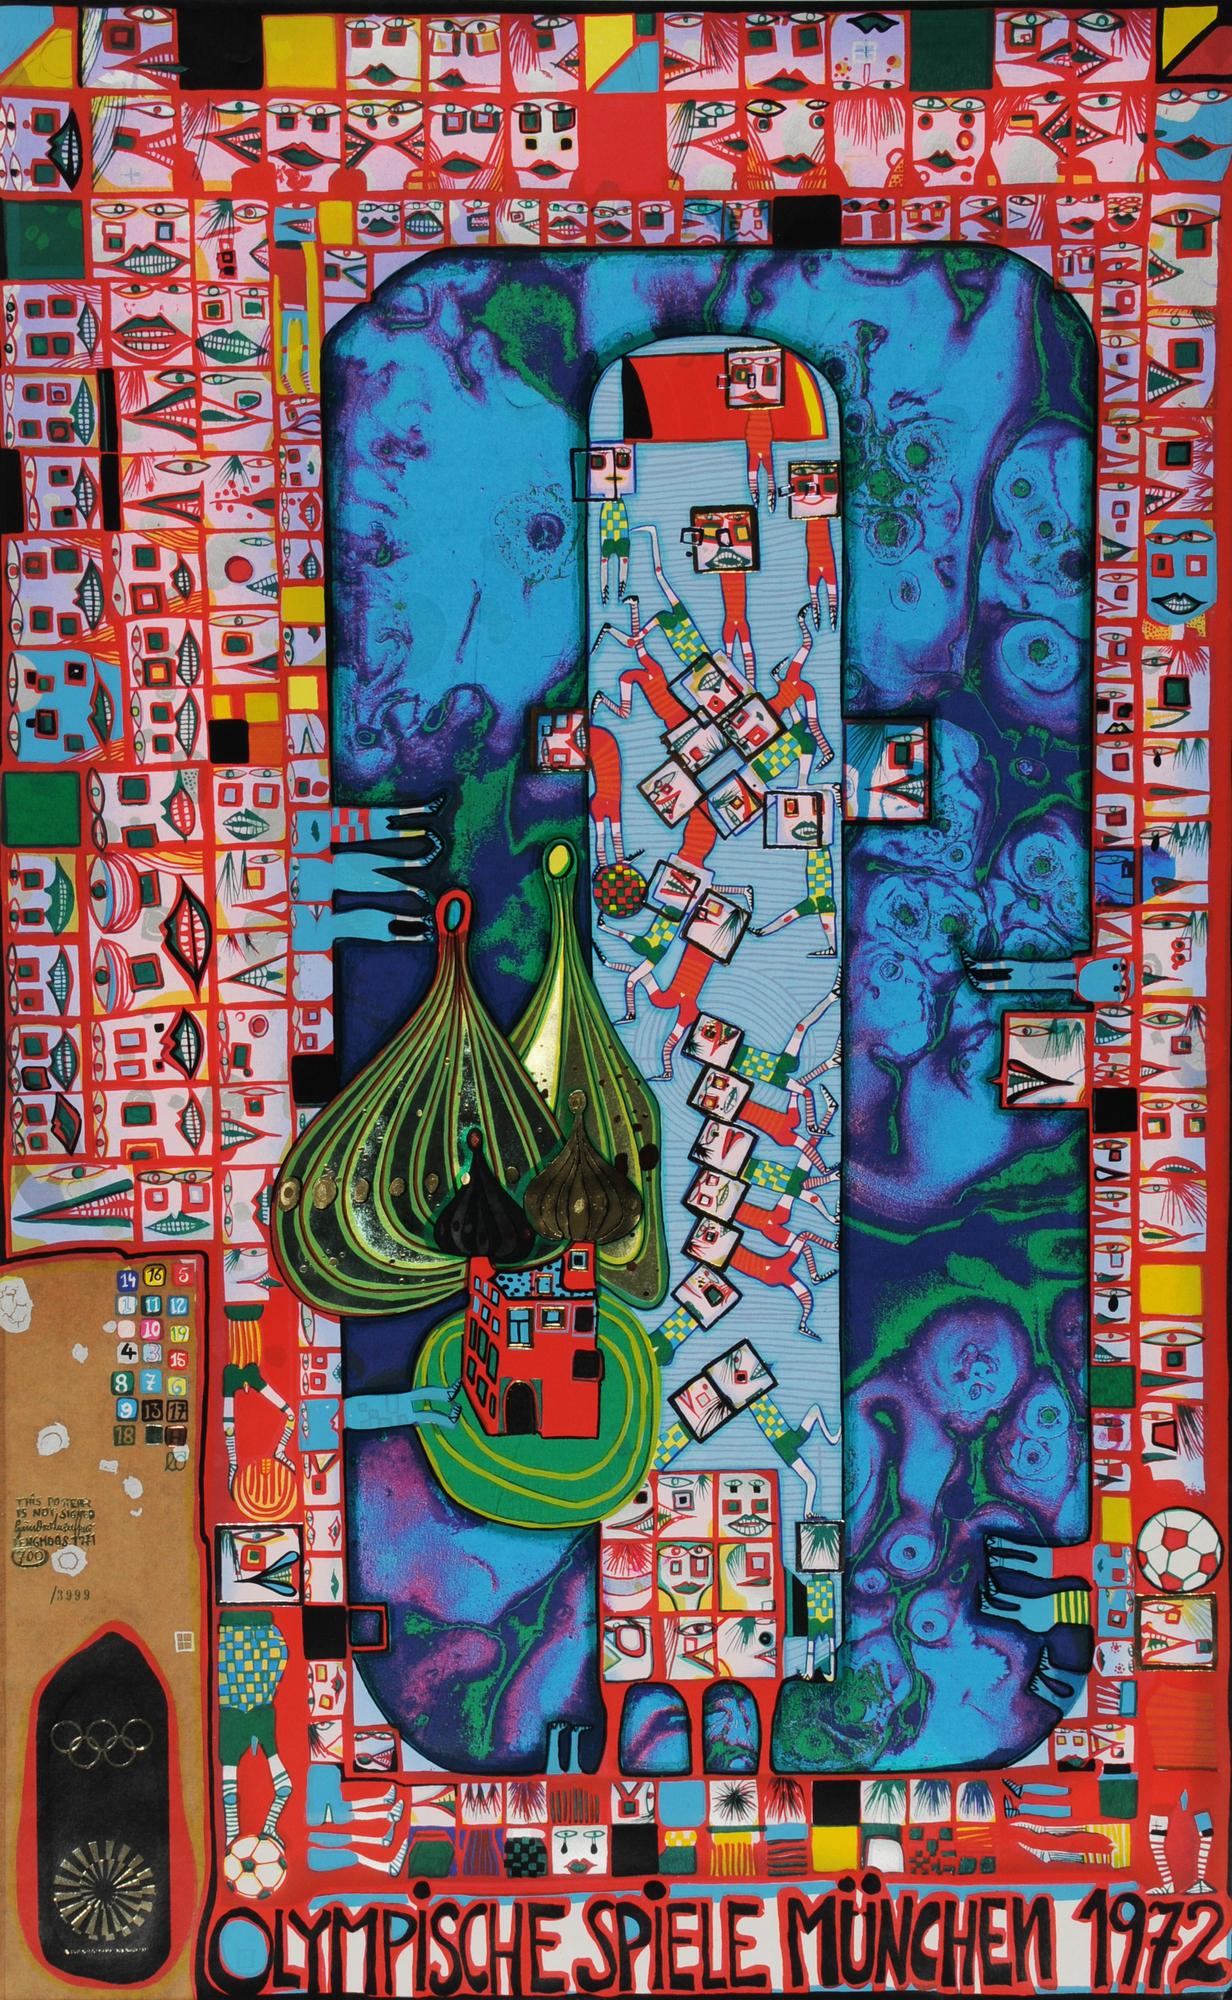 Hundertwasser Friedensreich, 2 sheets: Olympische Spiele München 1972 (Postversion); Tender Dinghi, 1984